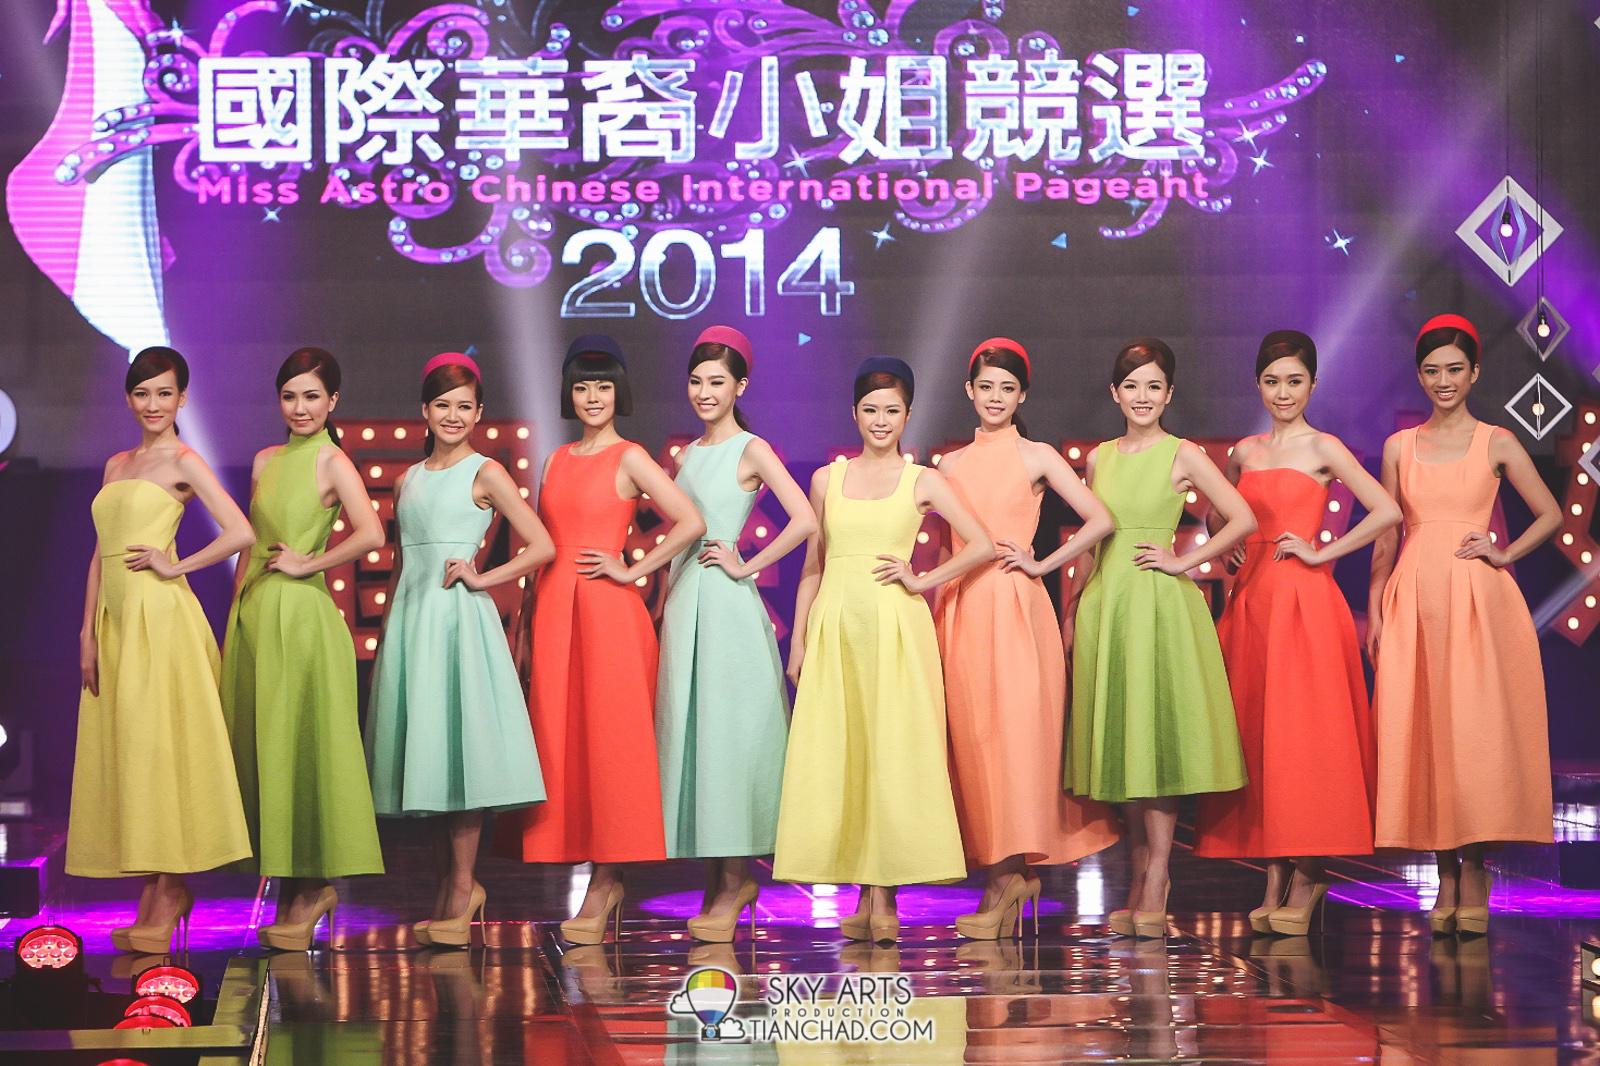 评审们大赞本届《Astro国际华裔小姐竞选2014》10强佳丽平均素质高,智慧与美貌并重